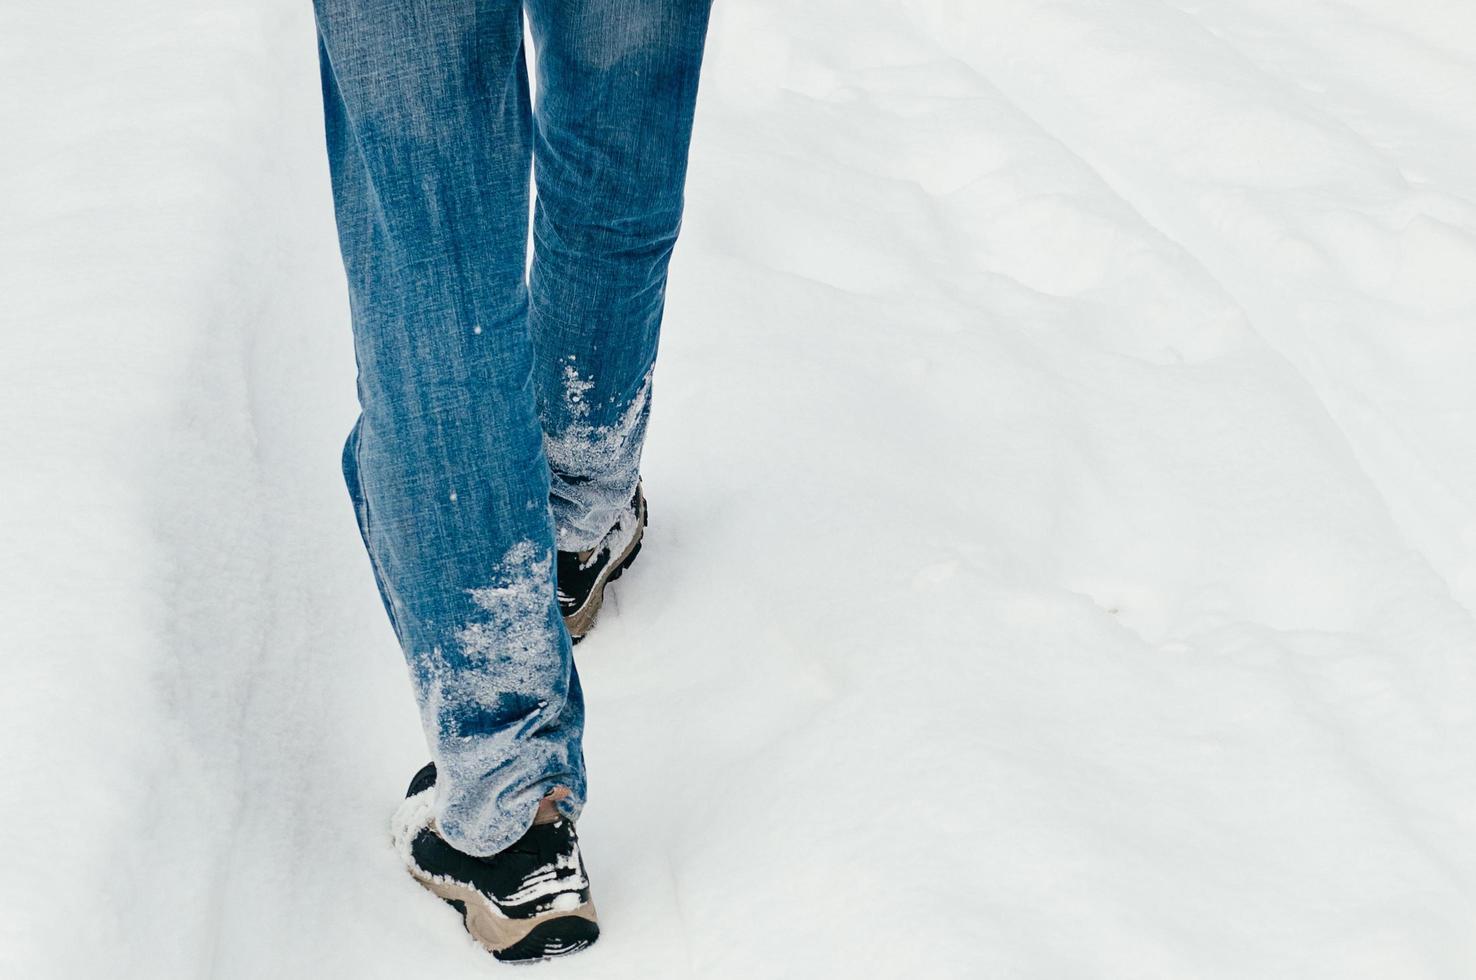 bakifrån av manliga ben som går i snö foto